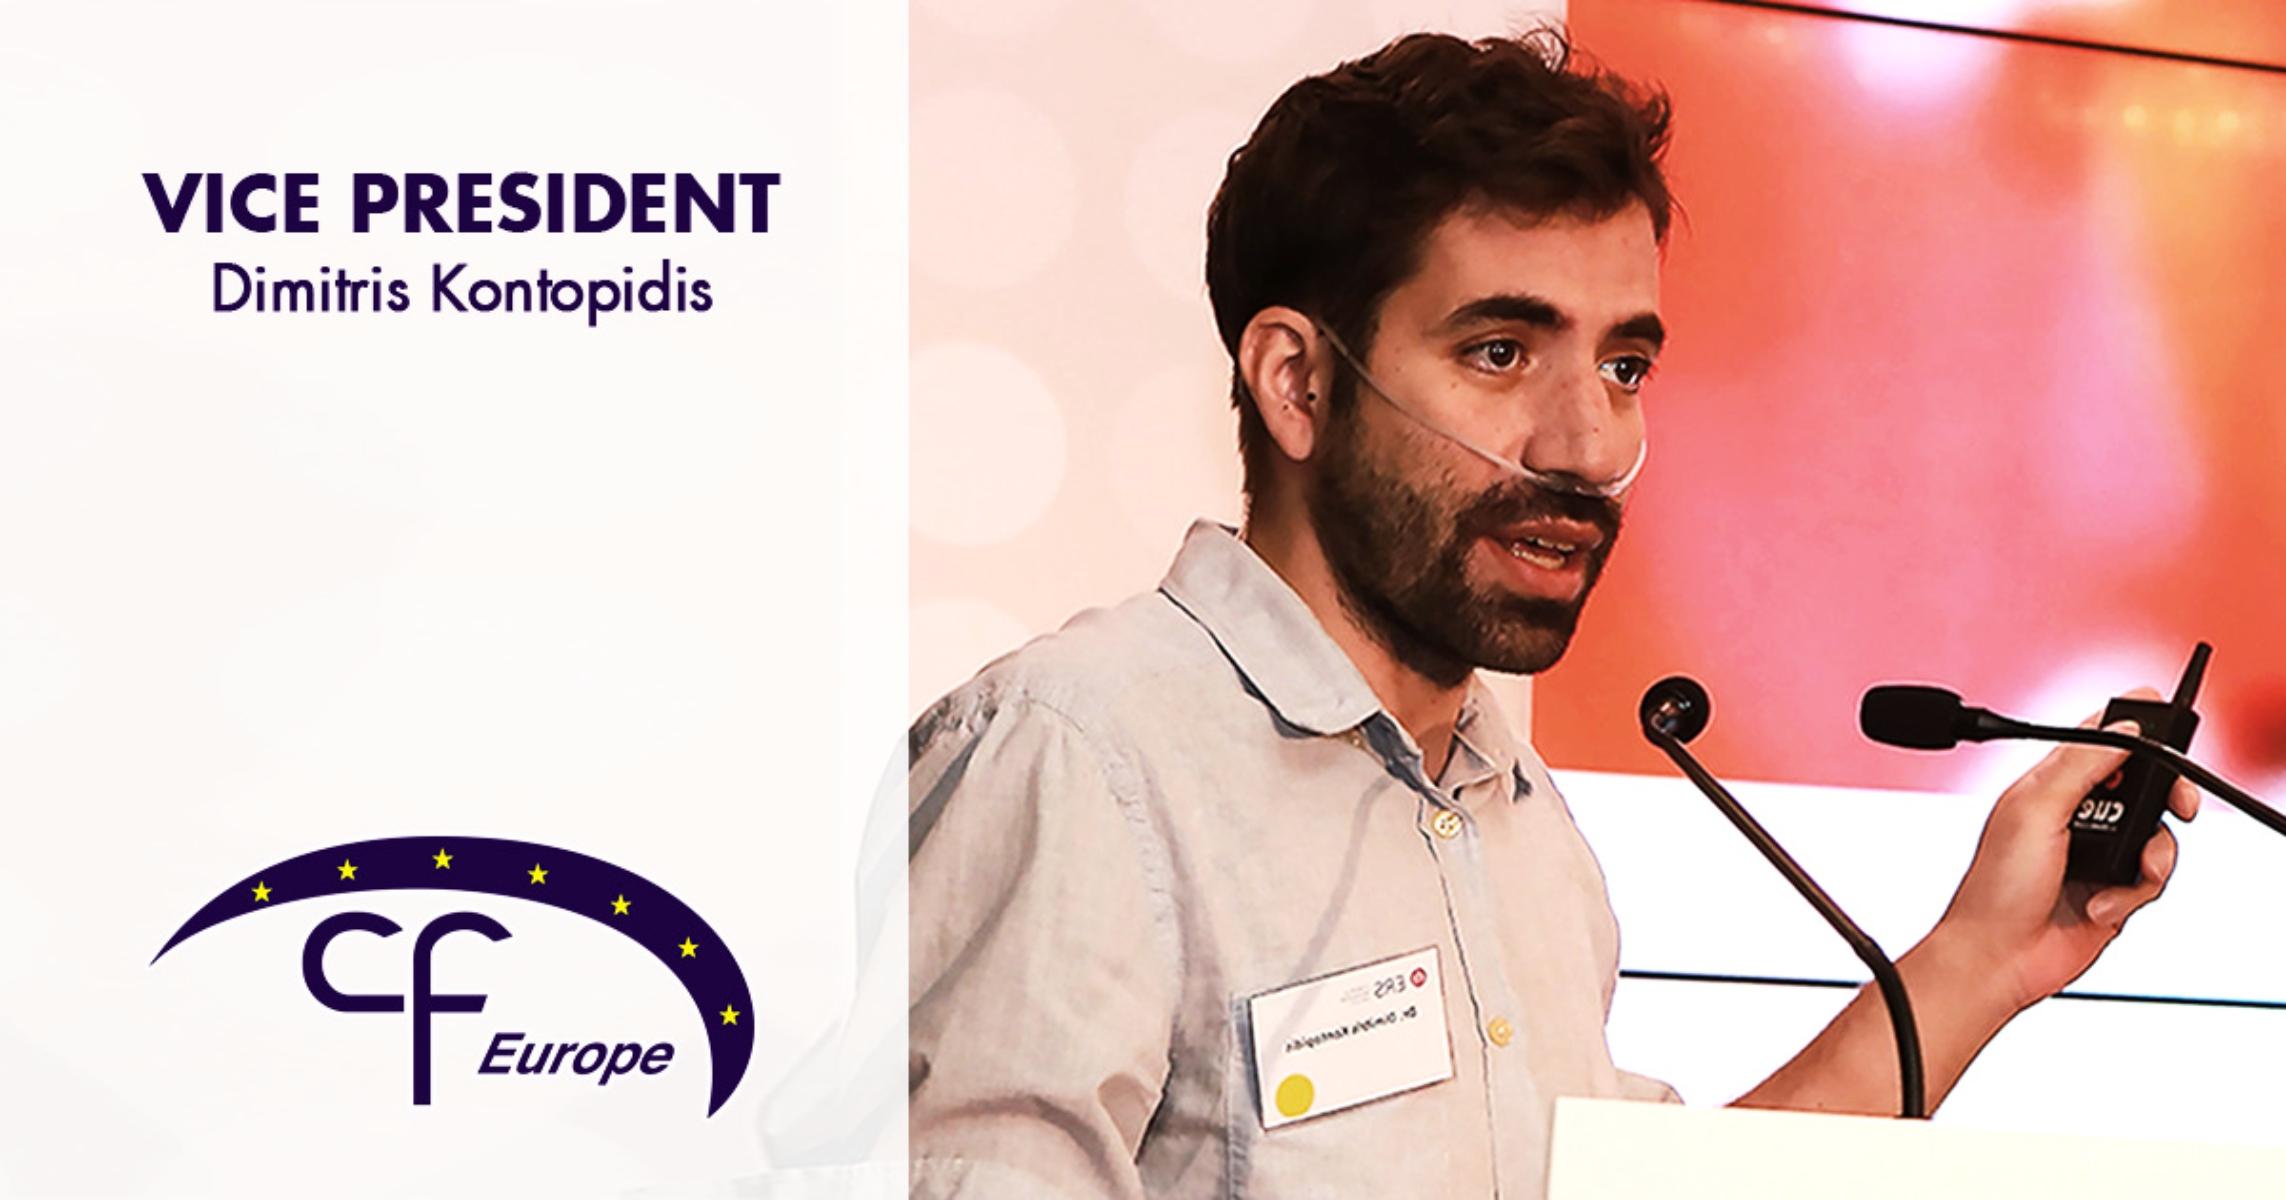 Νέος Αντιπρόεδρος του CF Europe: Για τα επόμενα 3 χρόνια ο Δ. Κοντοπίδης